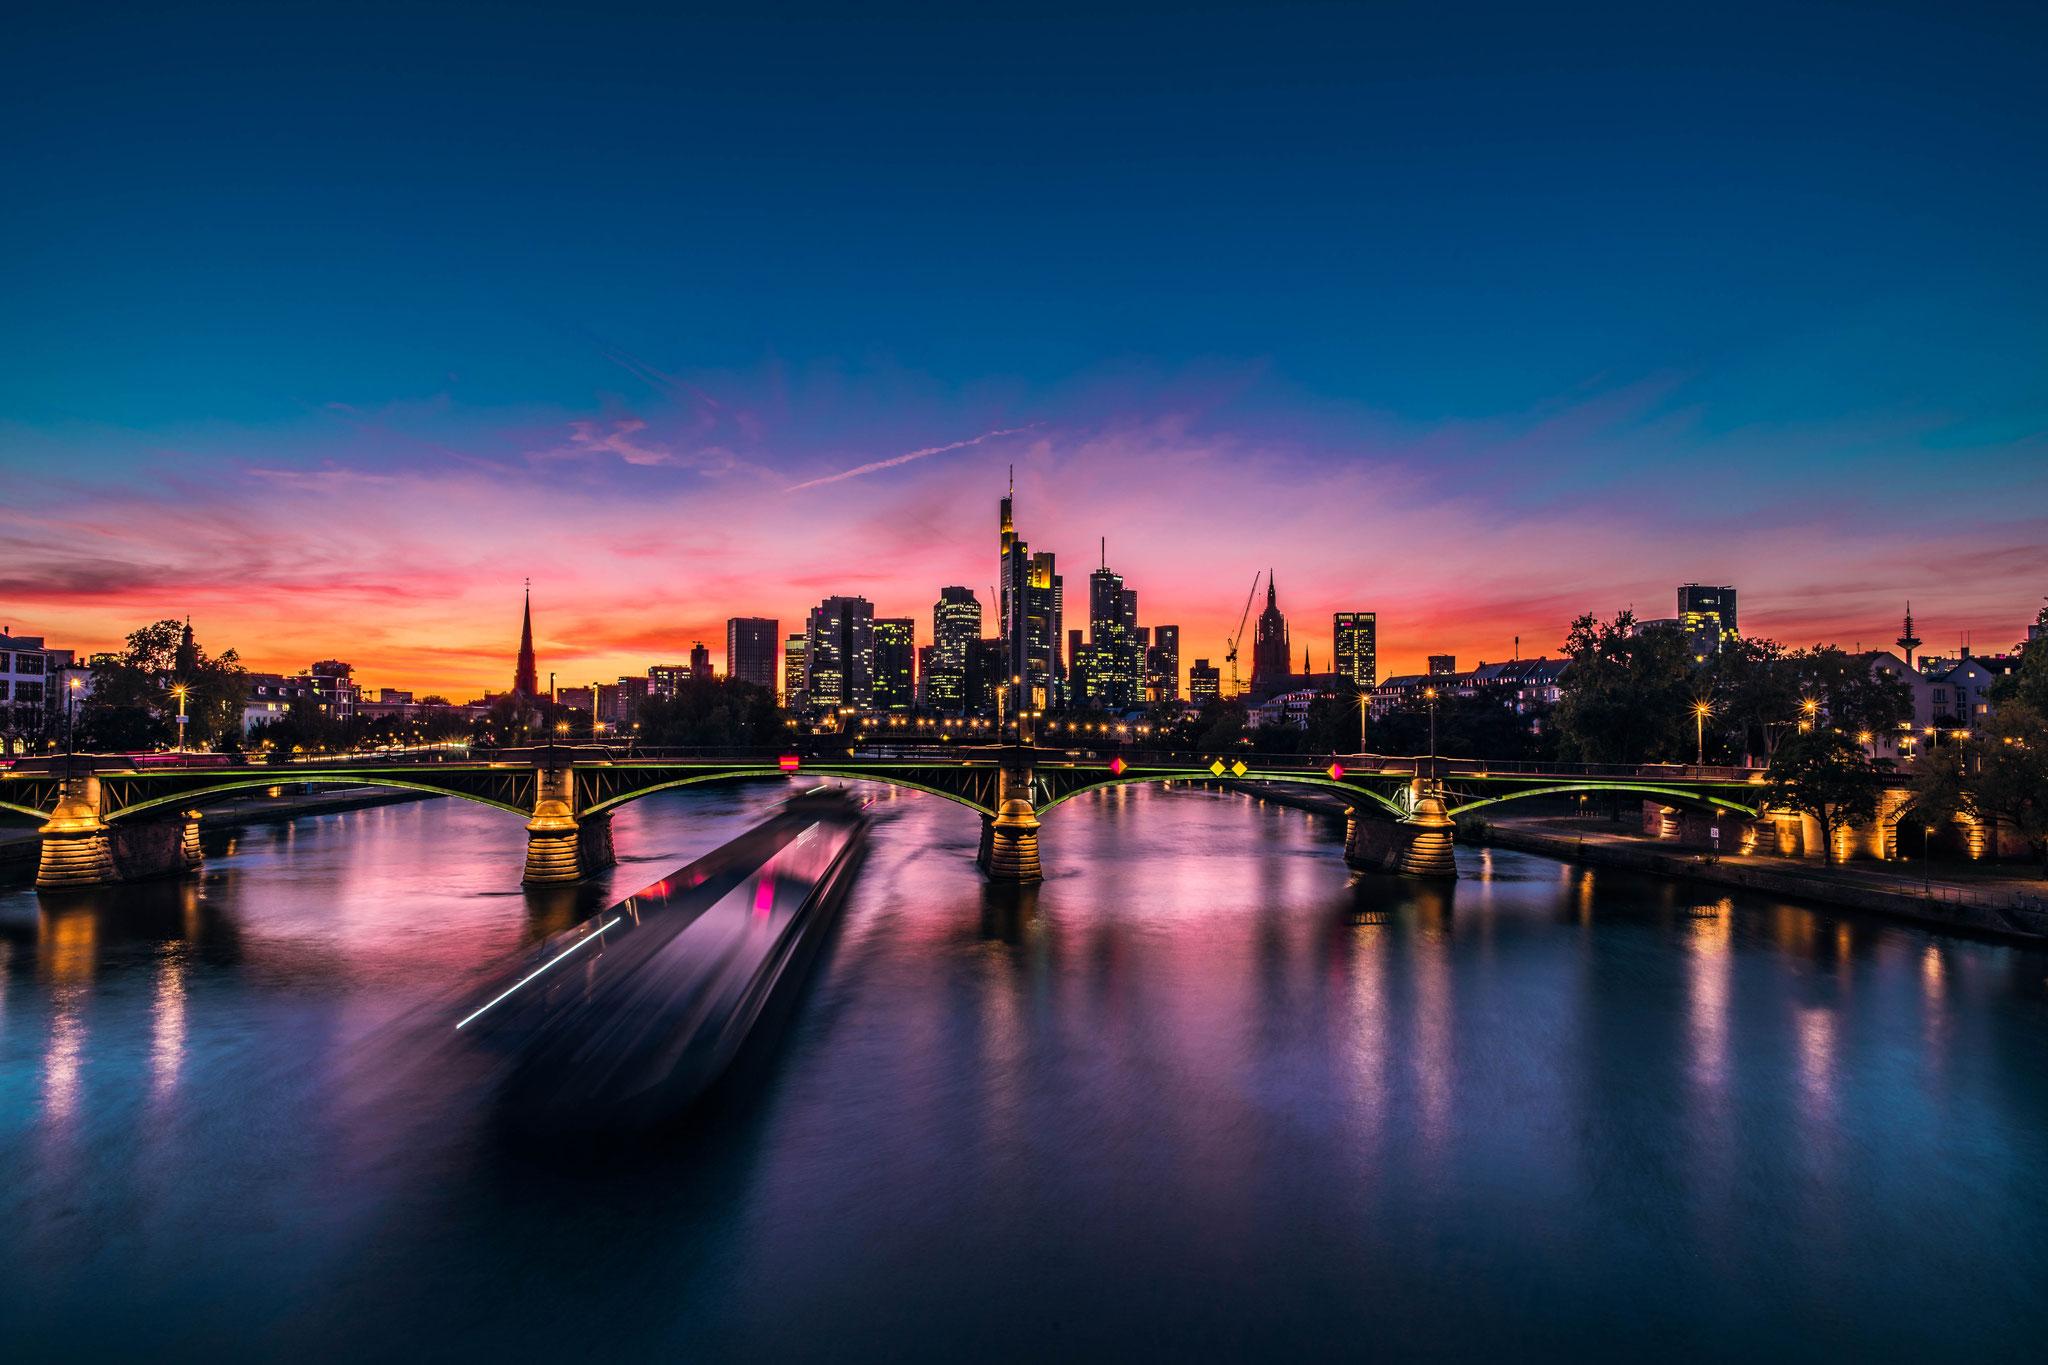 Schiffsverkehr in Frankfurt am Main bei Nacht Abenddämmerung nach dem Sonnenuntergang